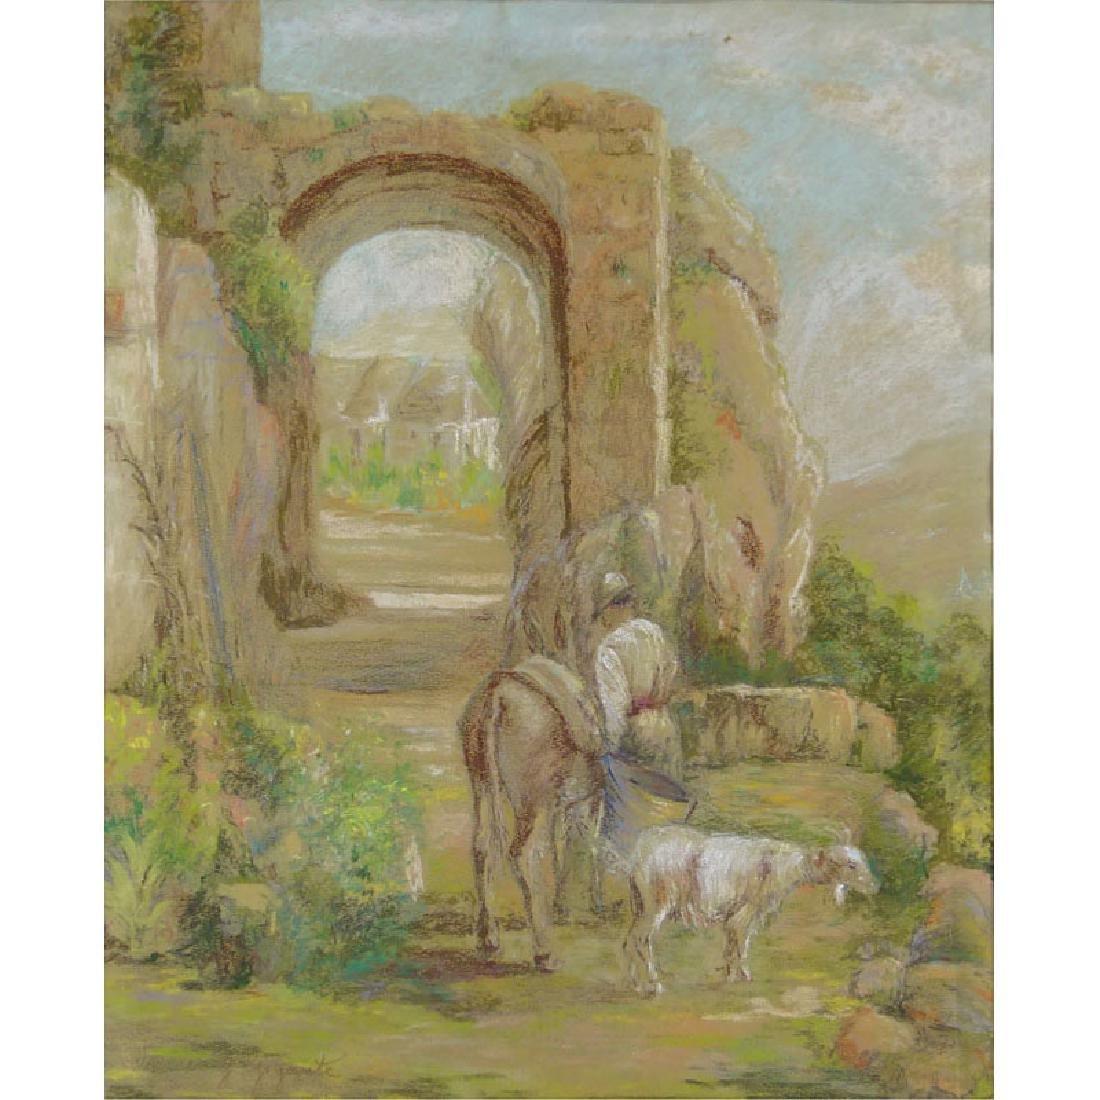 Giacinto Gigante, Italian (1806-1876) Pastel on paper